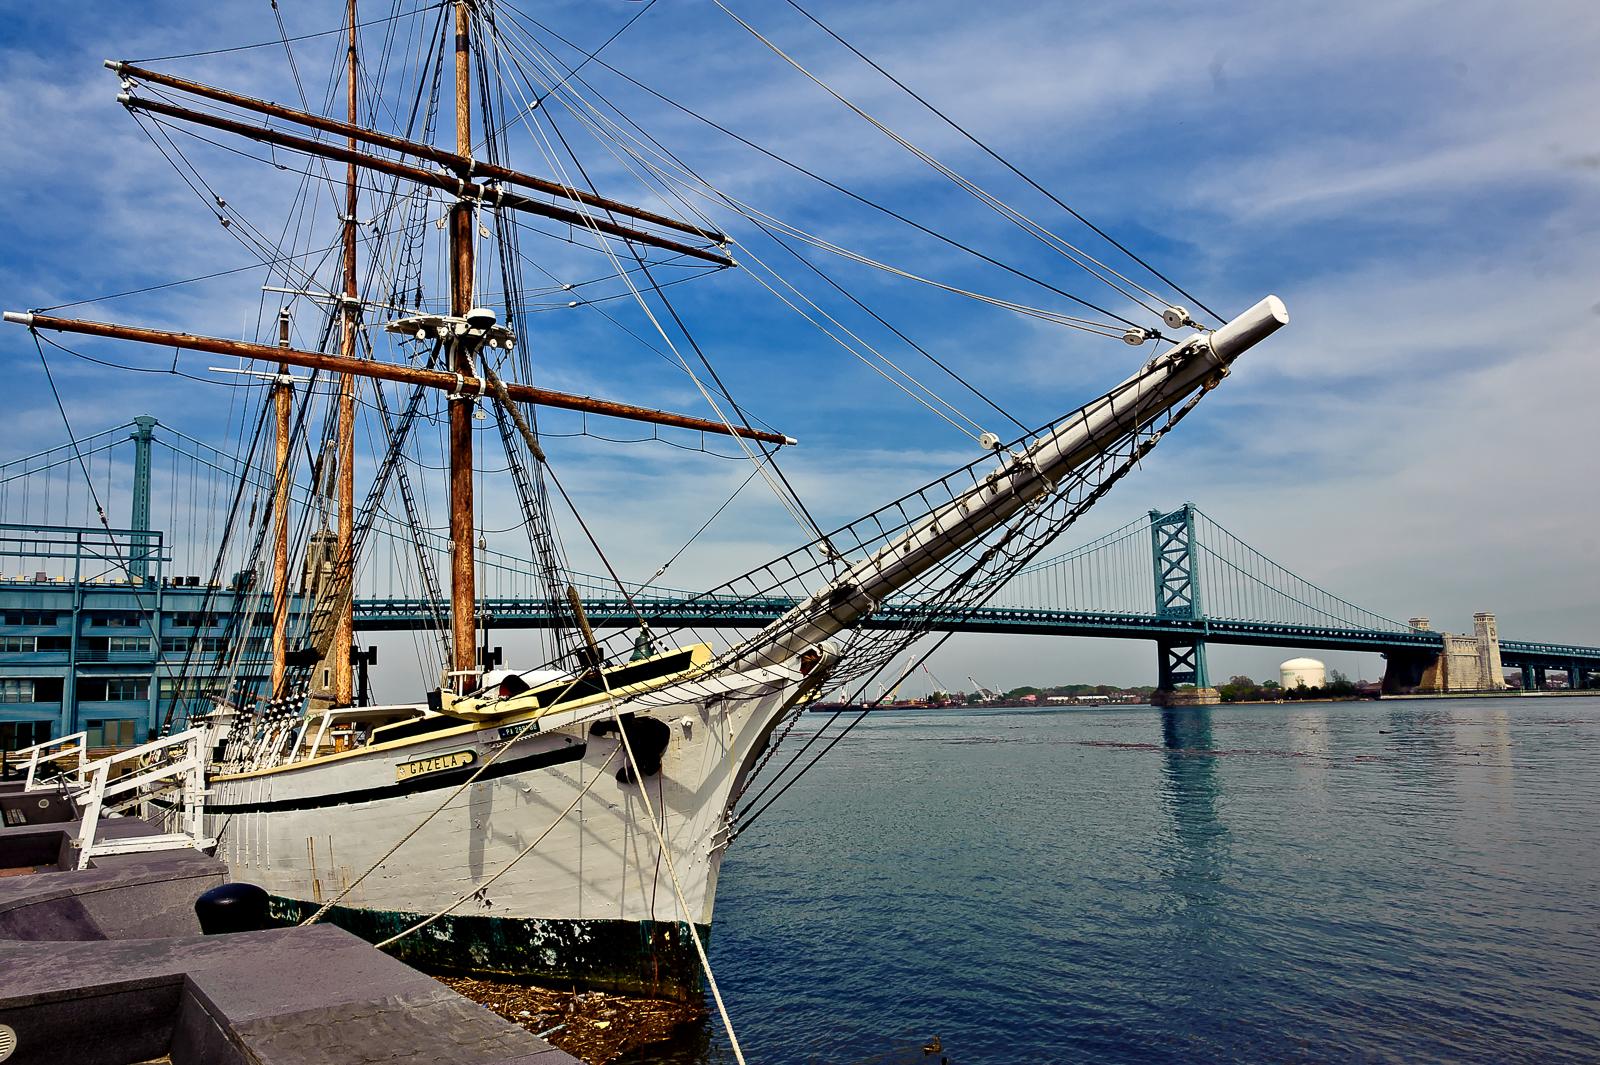 gazela-schooner-9070